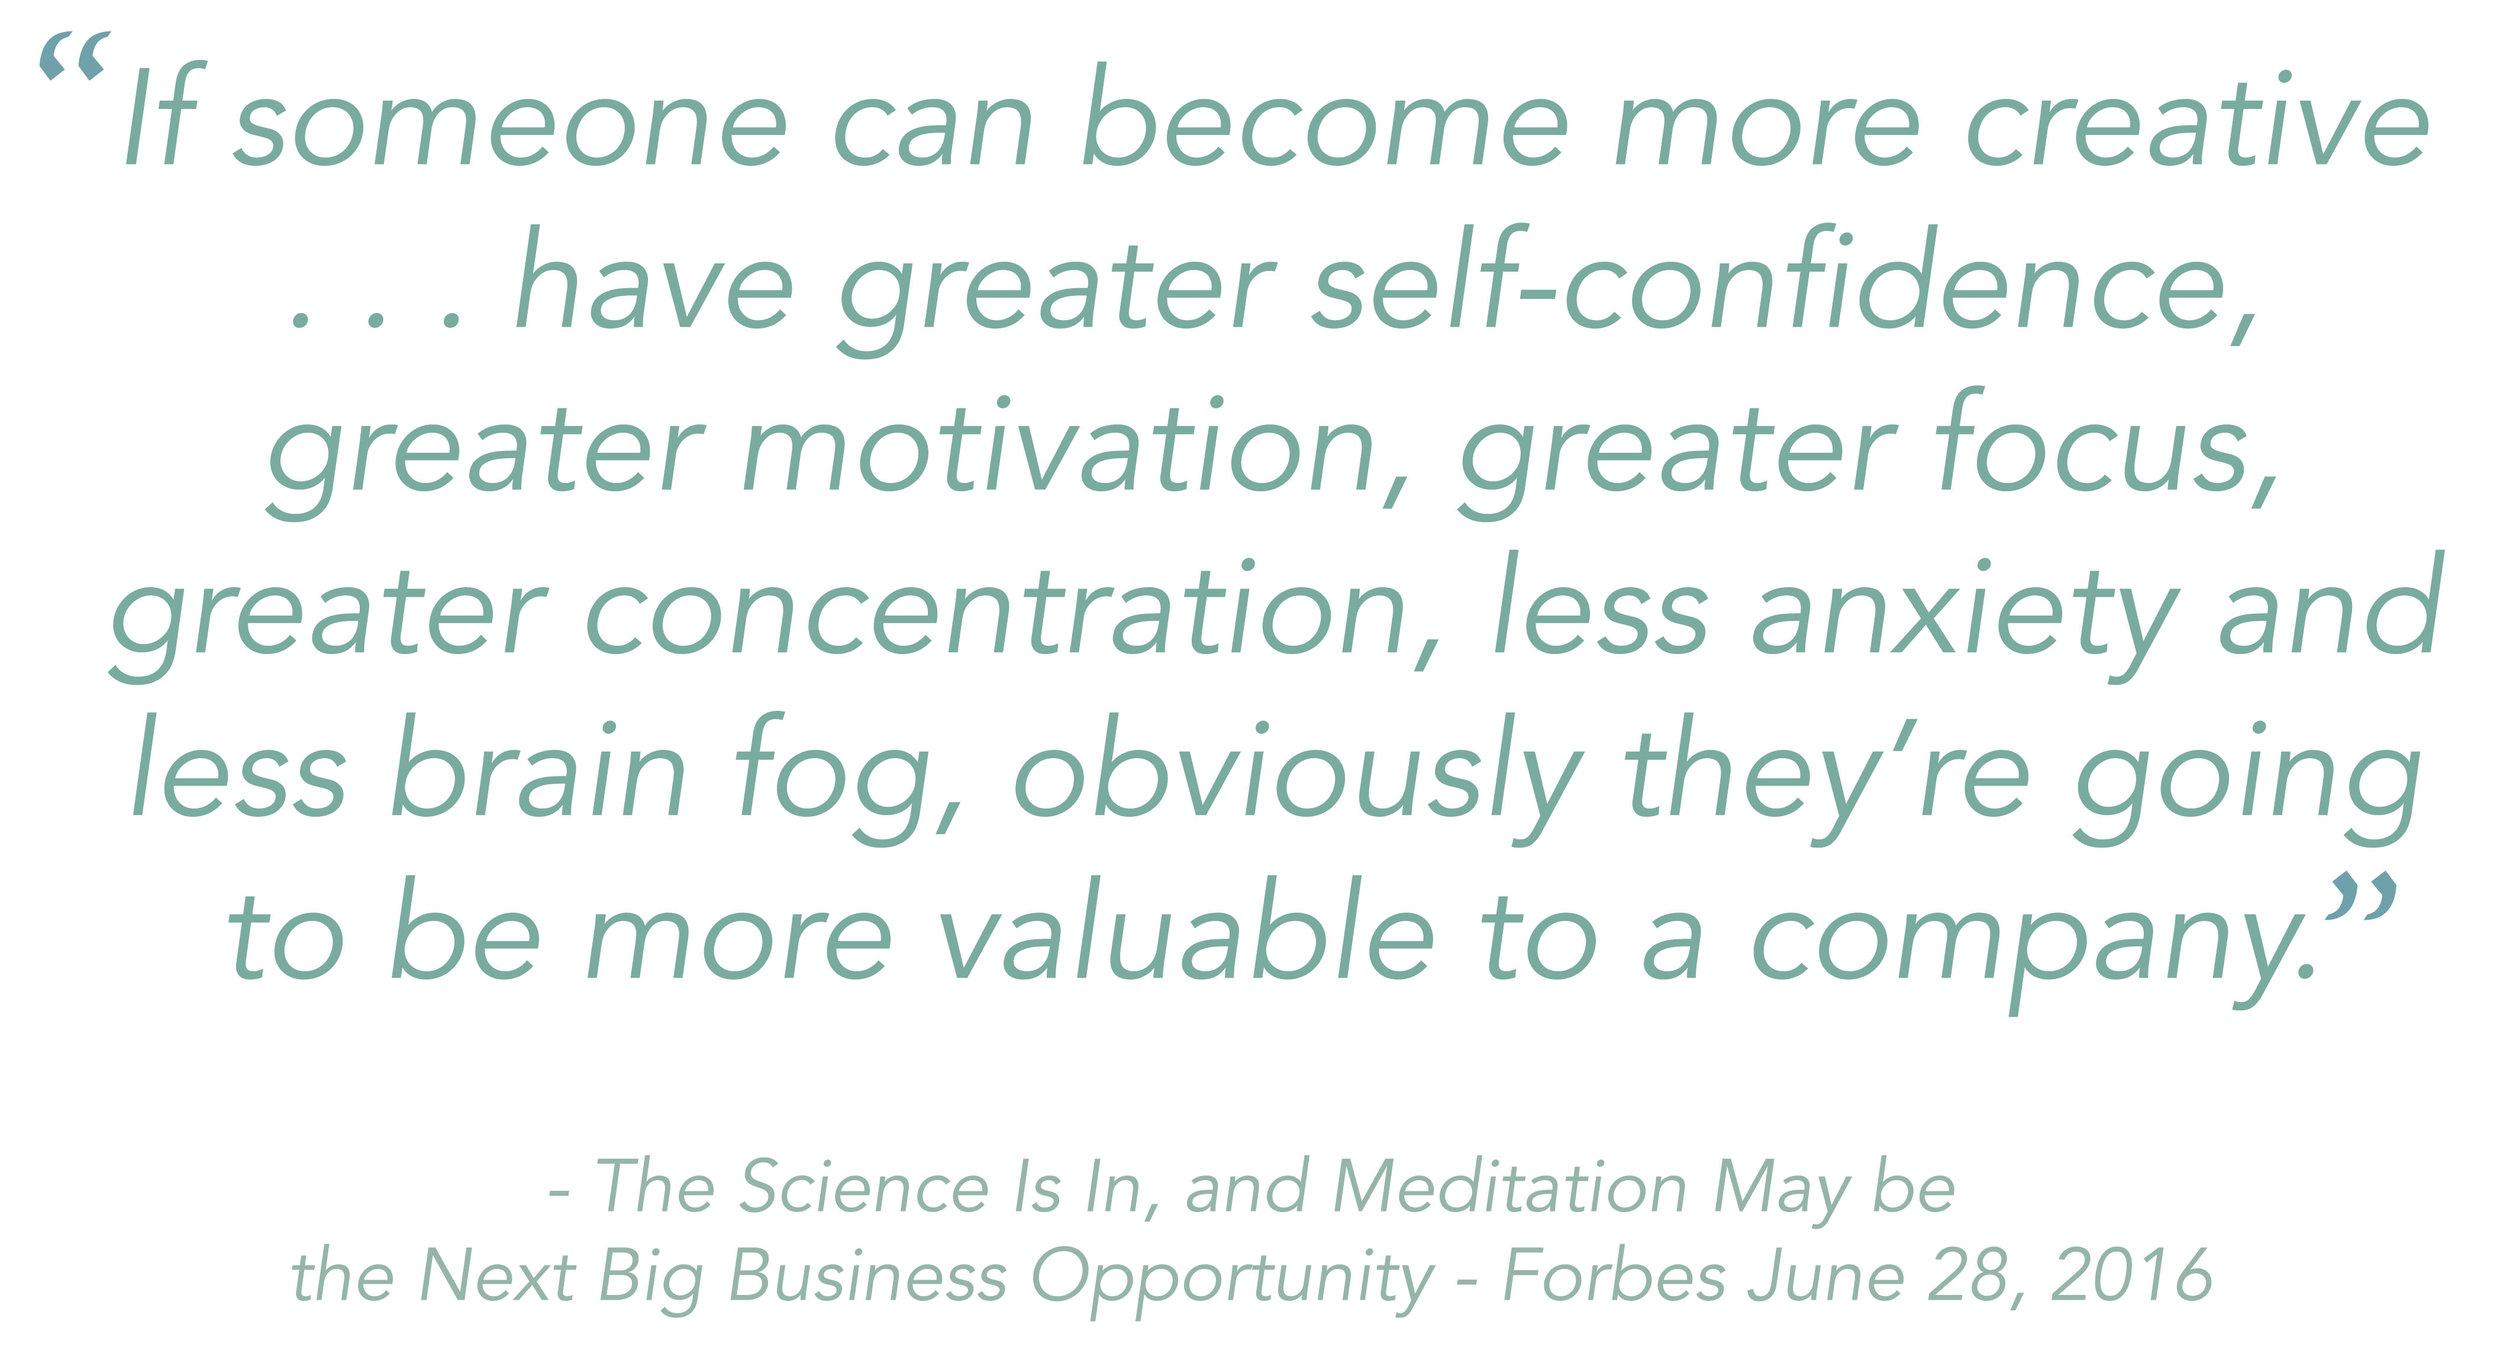 Forbes June 28, 2016.jpg